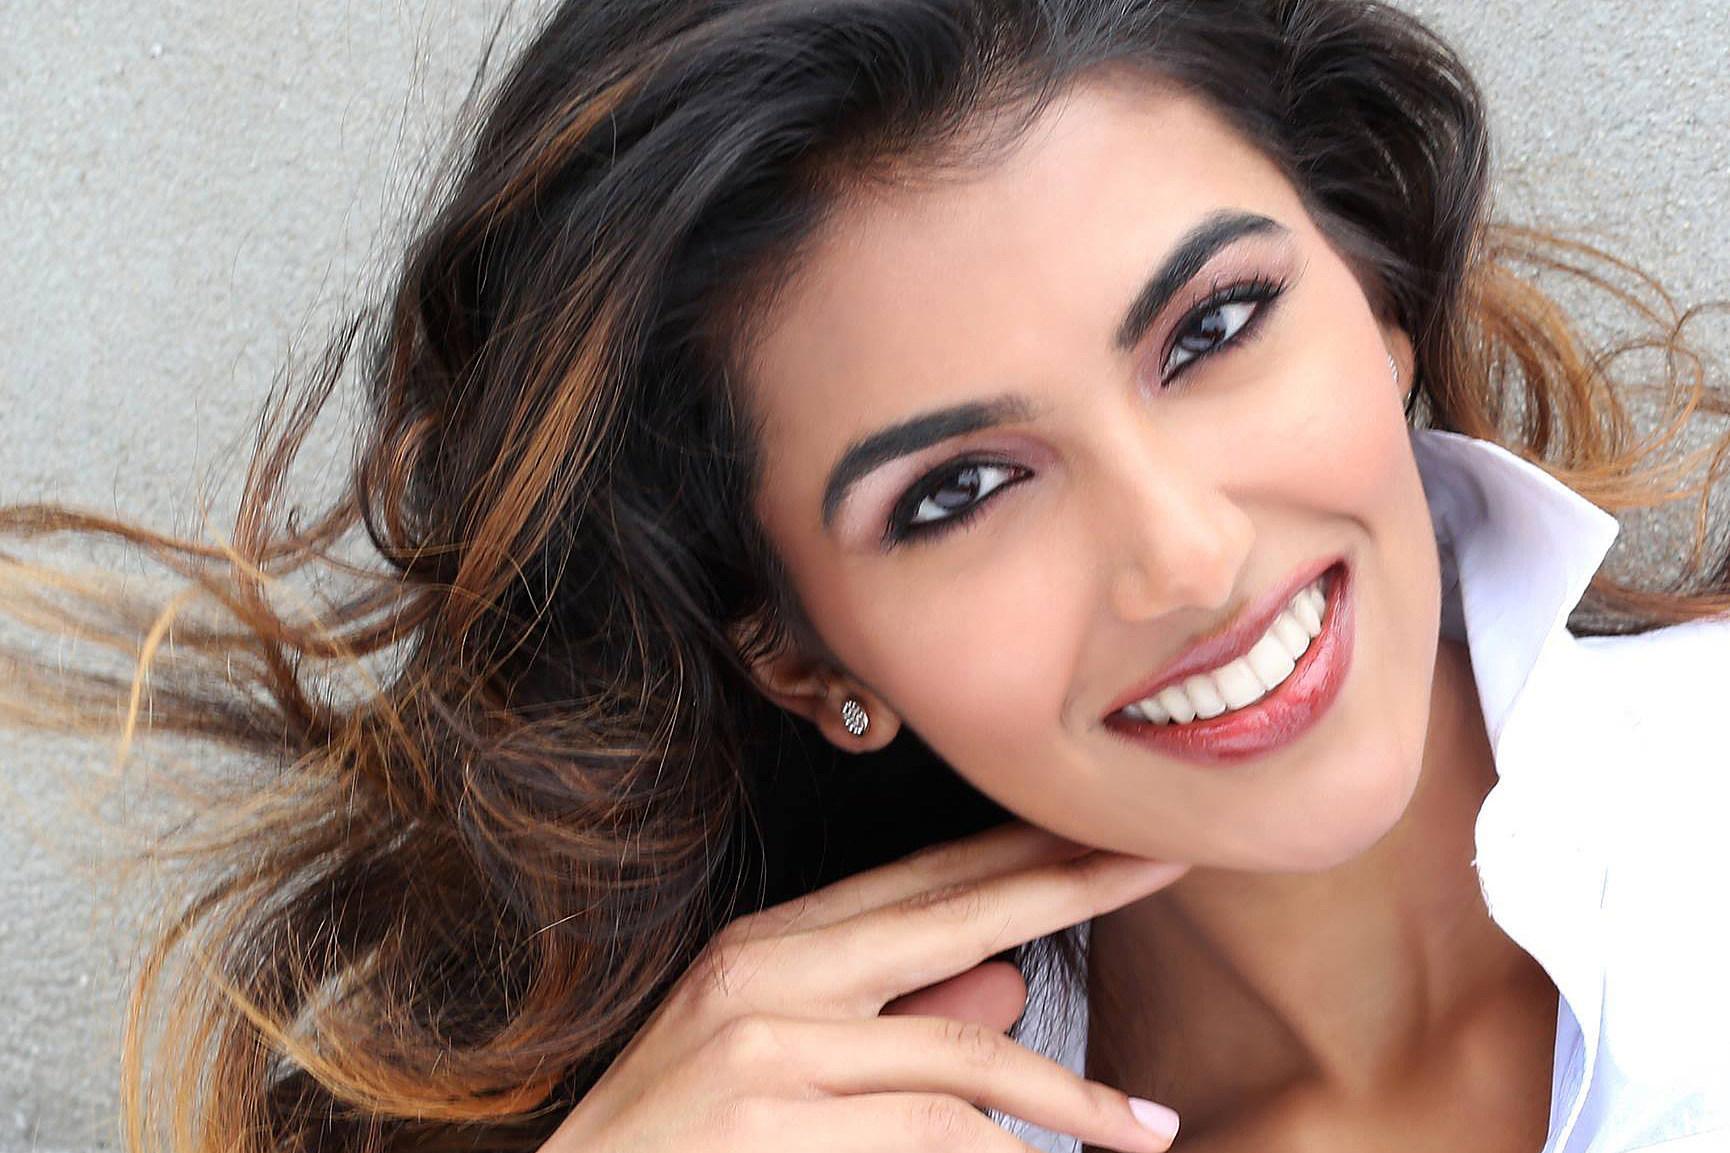 Miss USA runner up Miss New Jersey USA